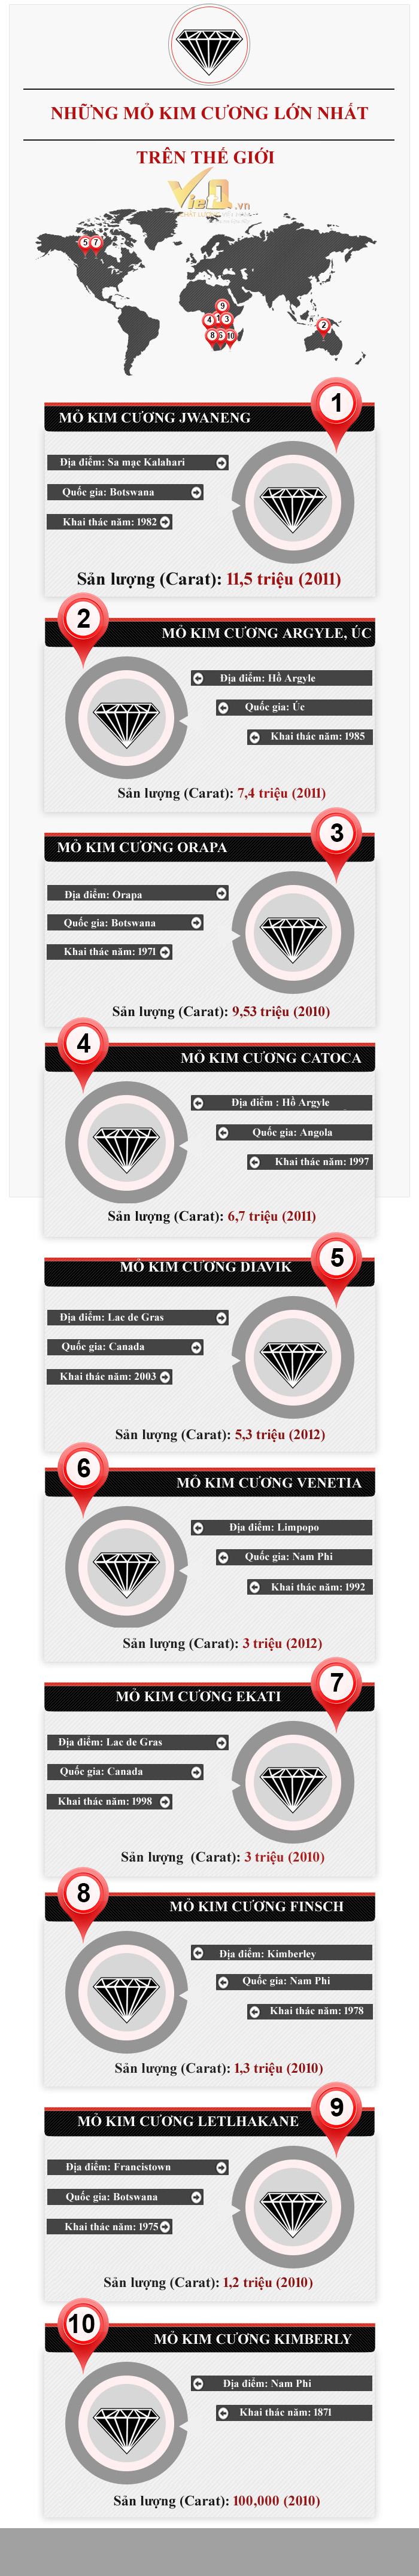 Infographic đẹp: Những mỏ kim cương lớn nhất trên thế giớii